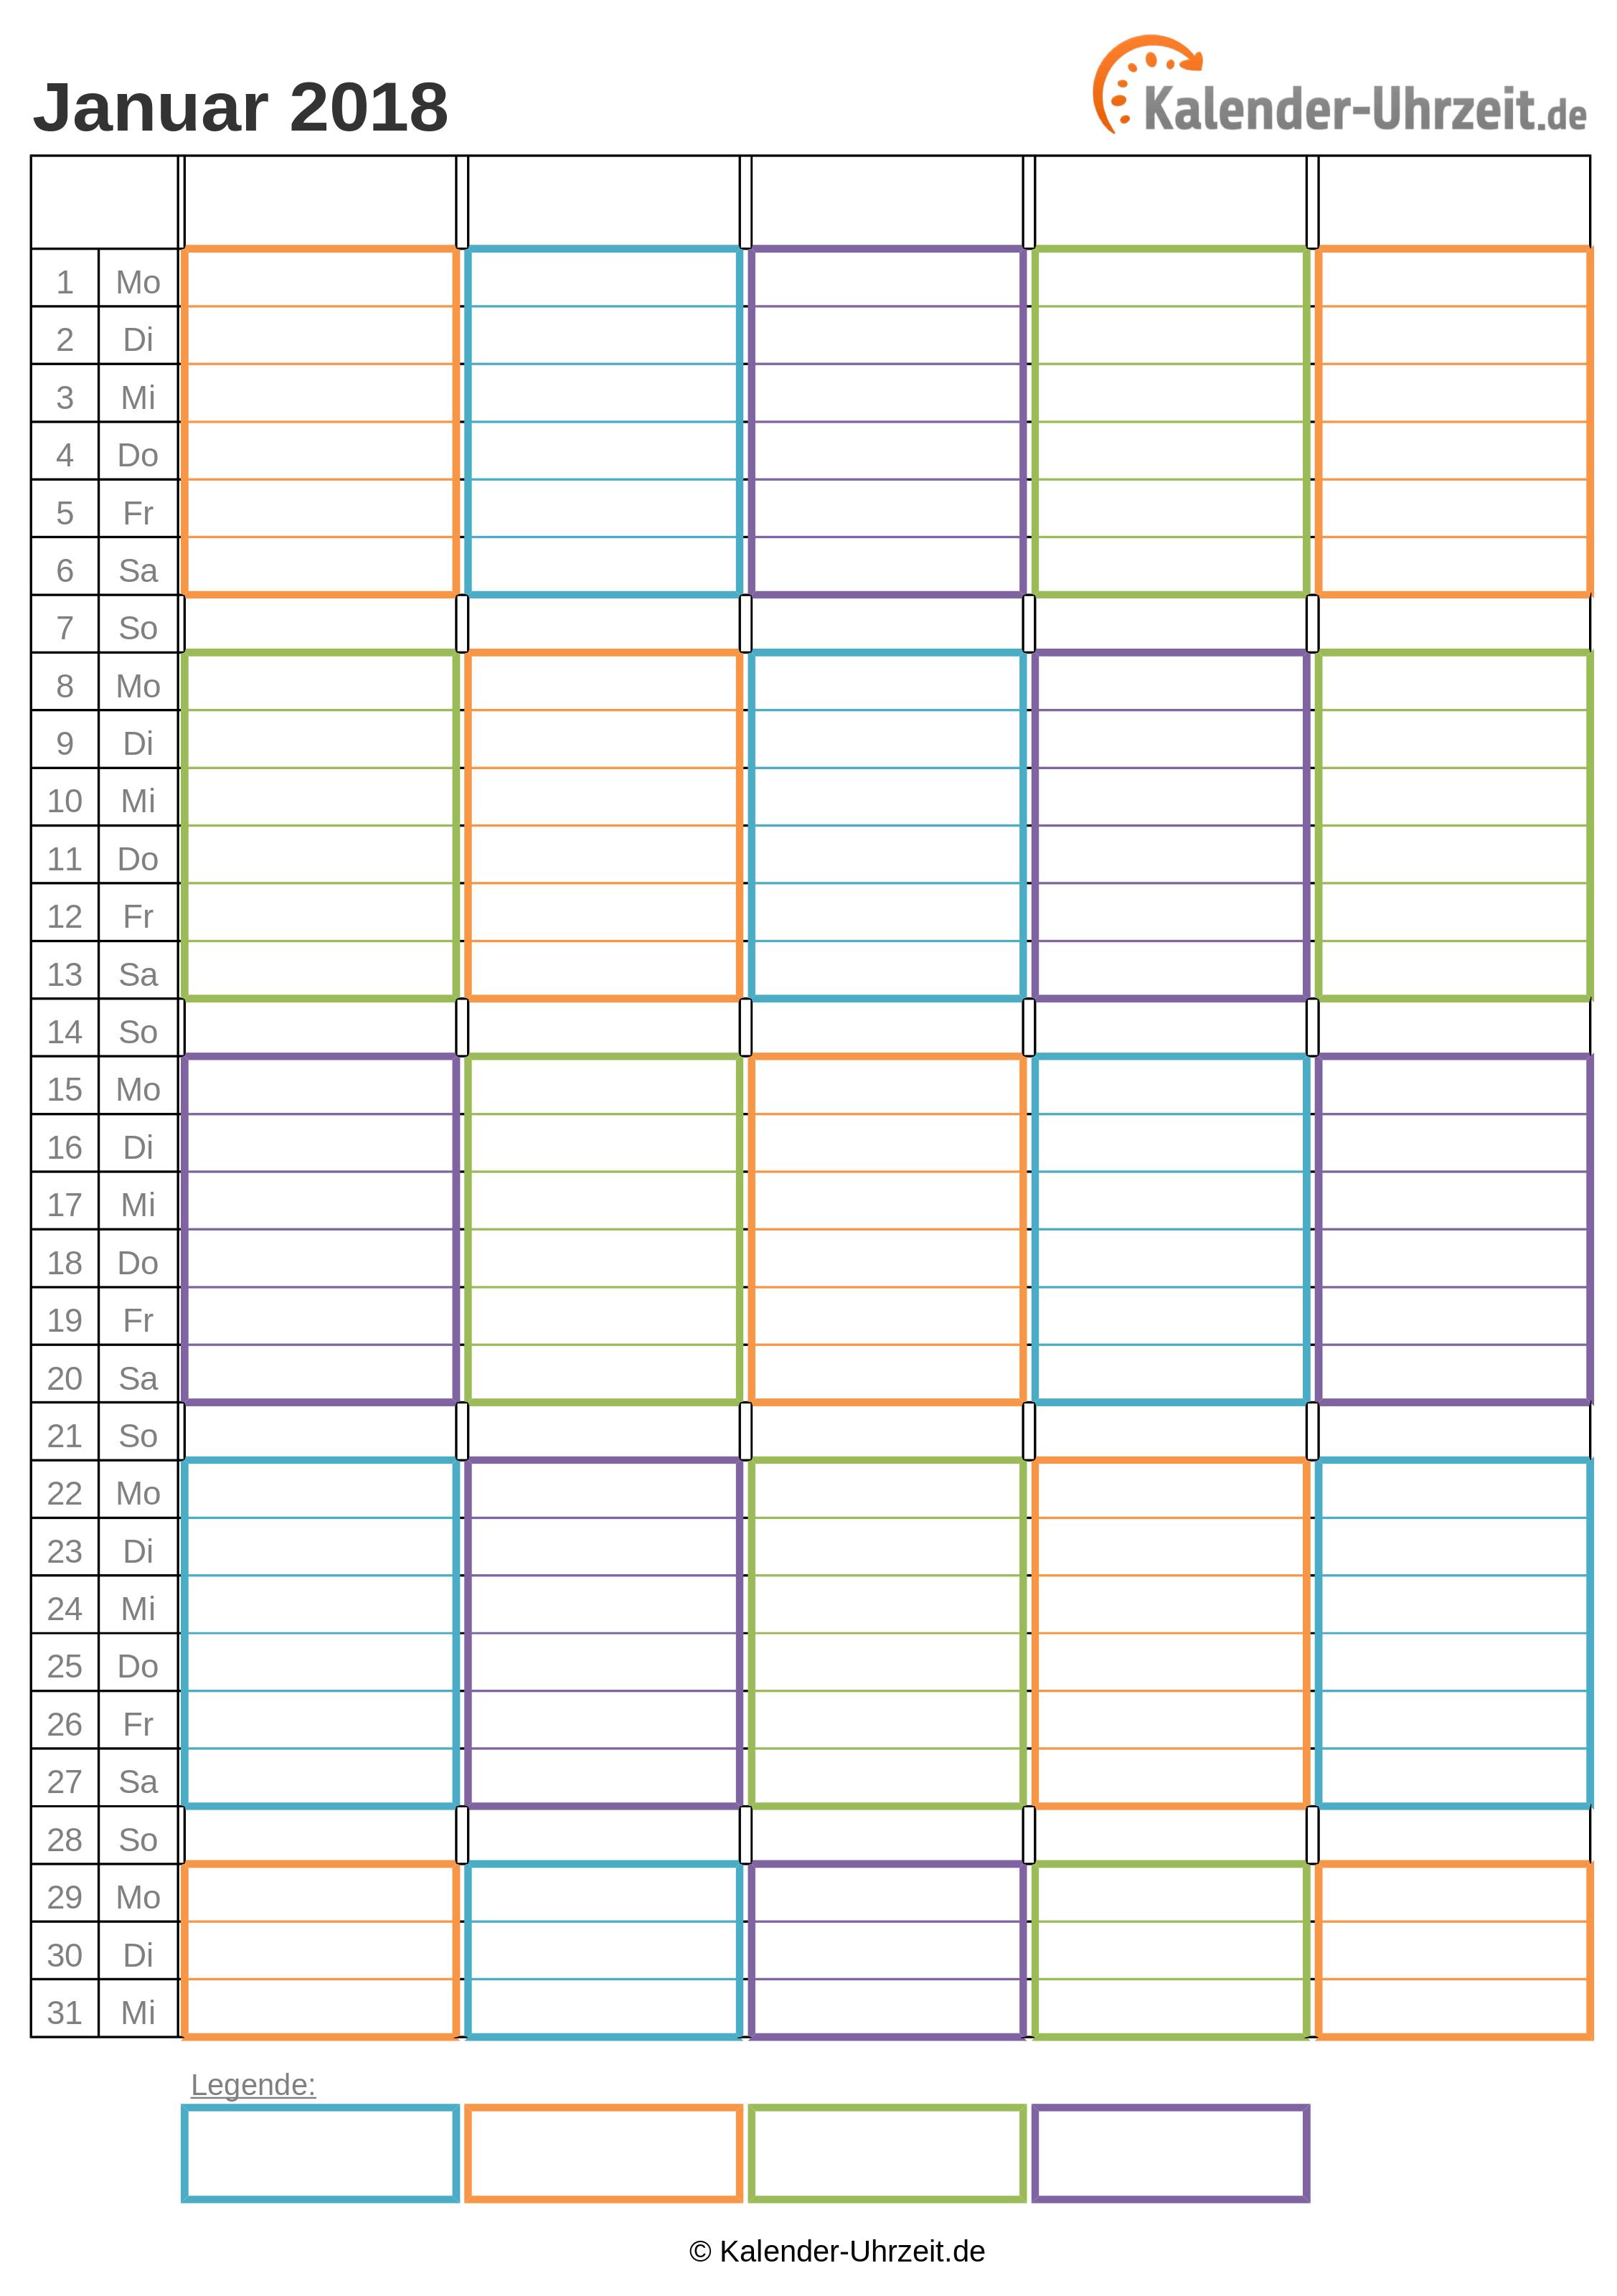 WG-Kalender 2018 vier Personen Vorschau